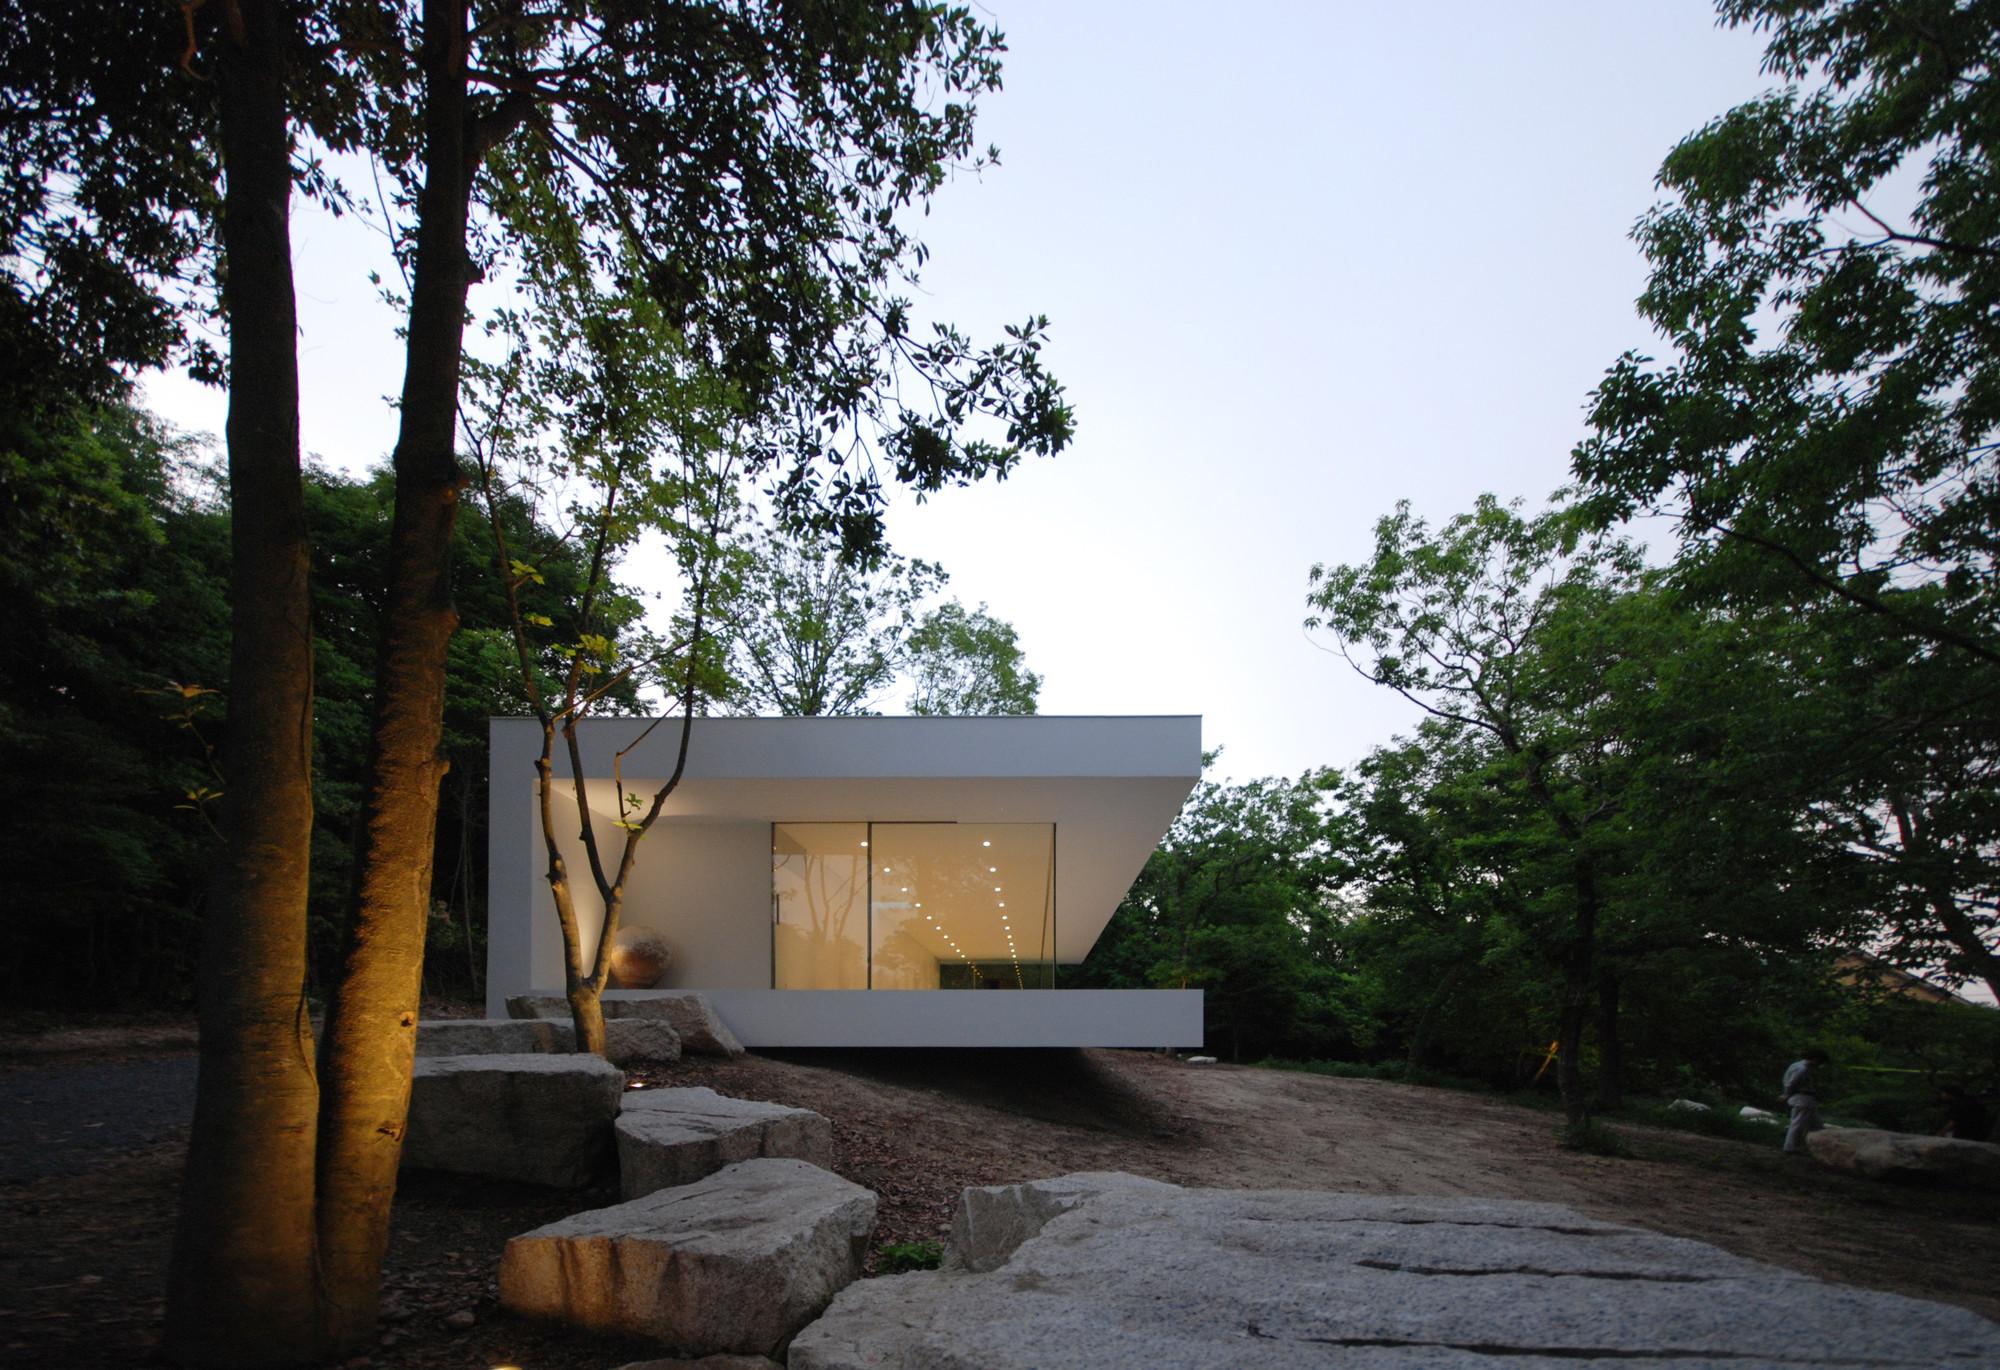 S Gallery & Residence / Shinichi Ogawa & Associates, Courtesy of Shinichi Ogawa & Associates